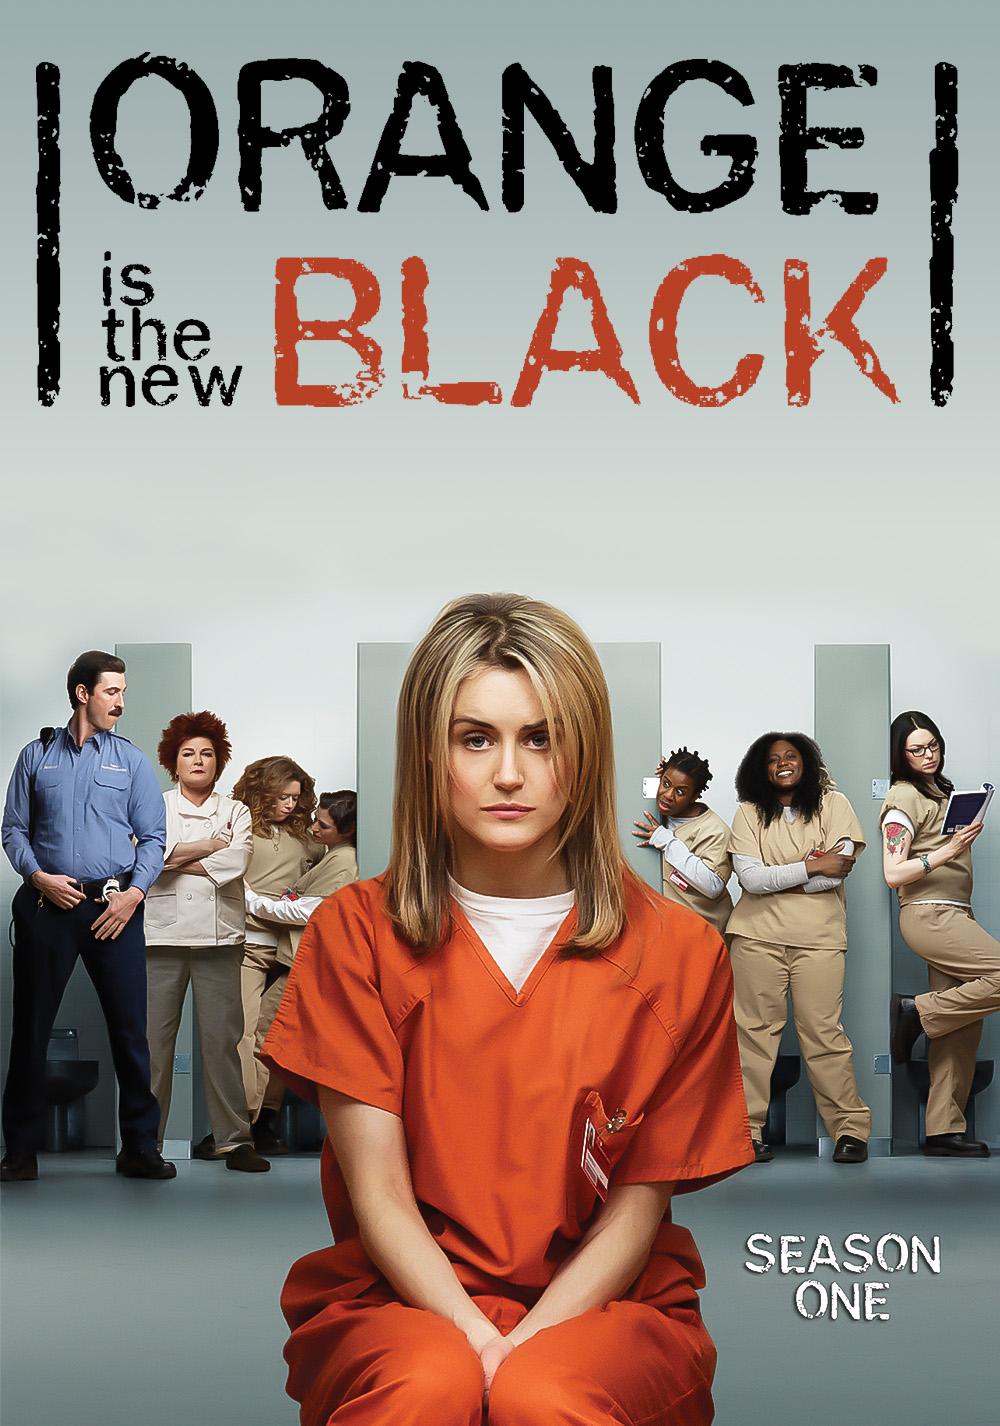 https://fanart.tv/fanart/tv/264586/seasonposter/orange-is-the-new-black-536935dae2843.jpg